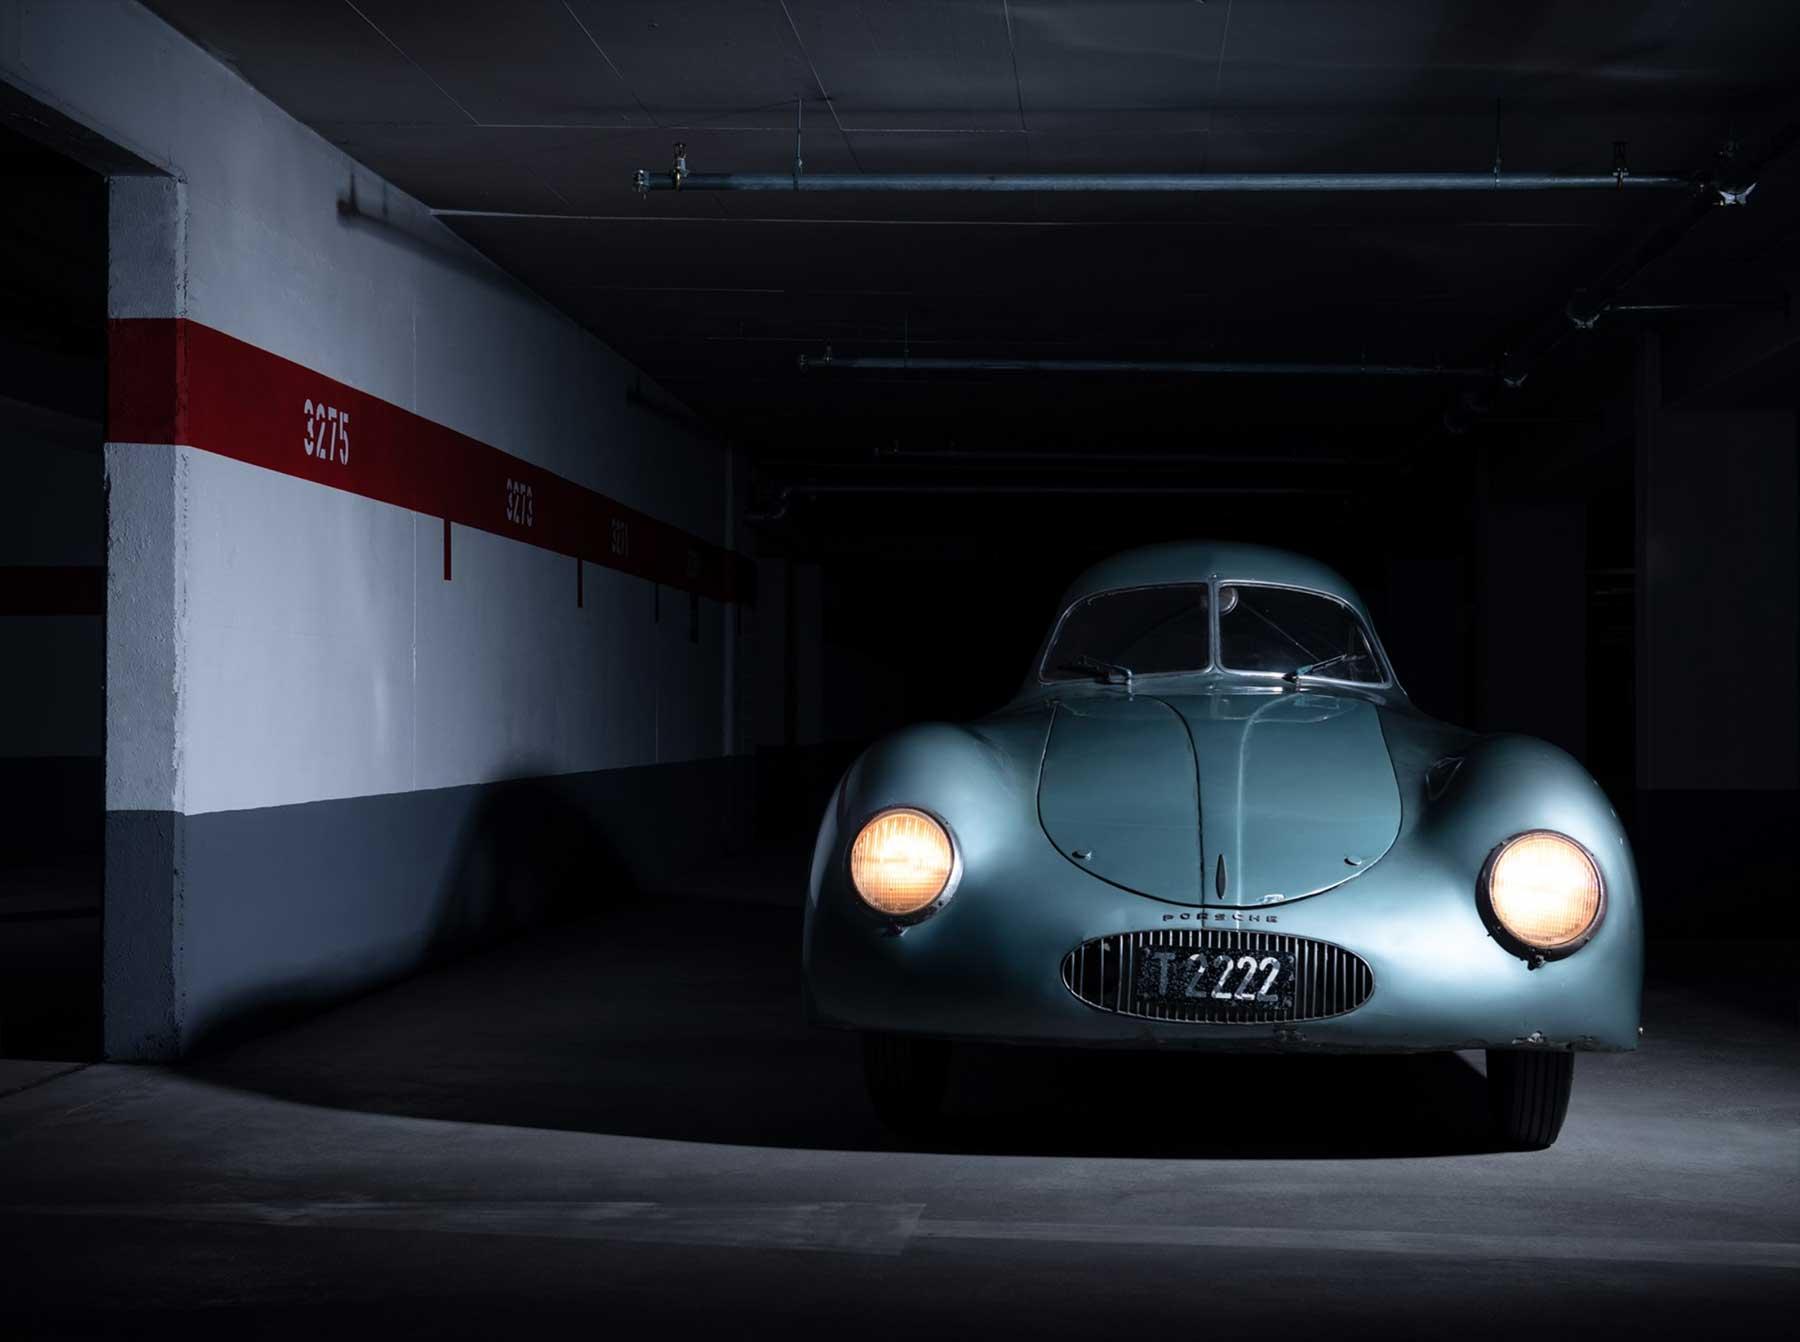 Der älteste und teuerste Porsche der Welt 1939-Porsche-Type-64-sothebys_06